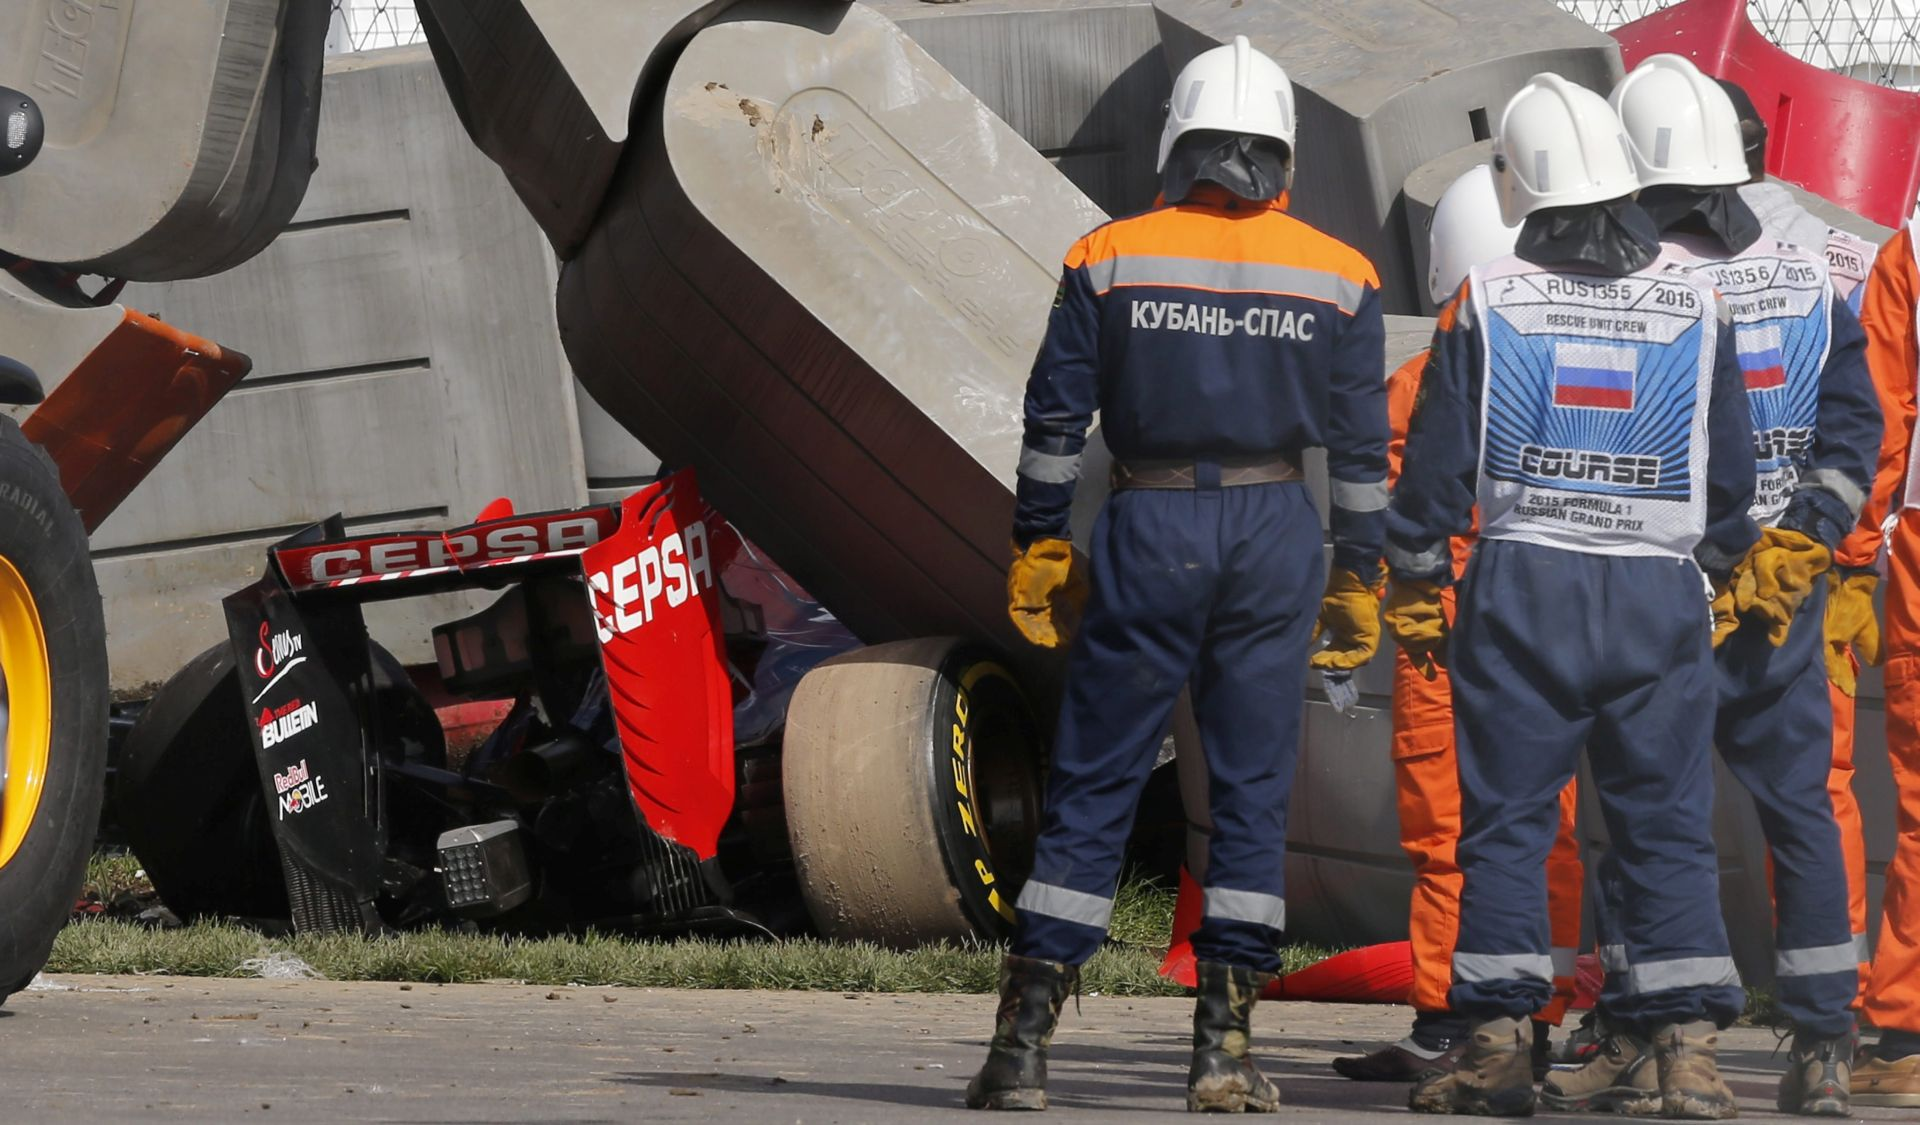 NEUSTRAŠIVI SAINZ Mladi Španjolac jučer se sa 320km/h zabio u ogradu, a danas će voziti za VN Rusije